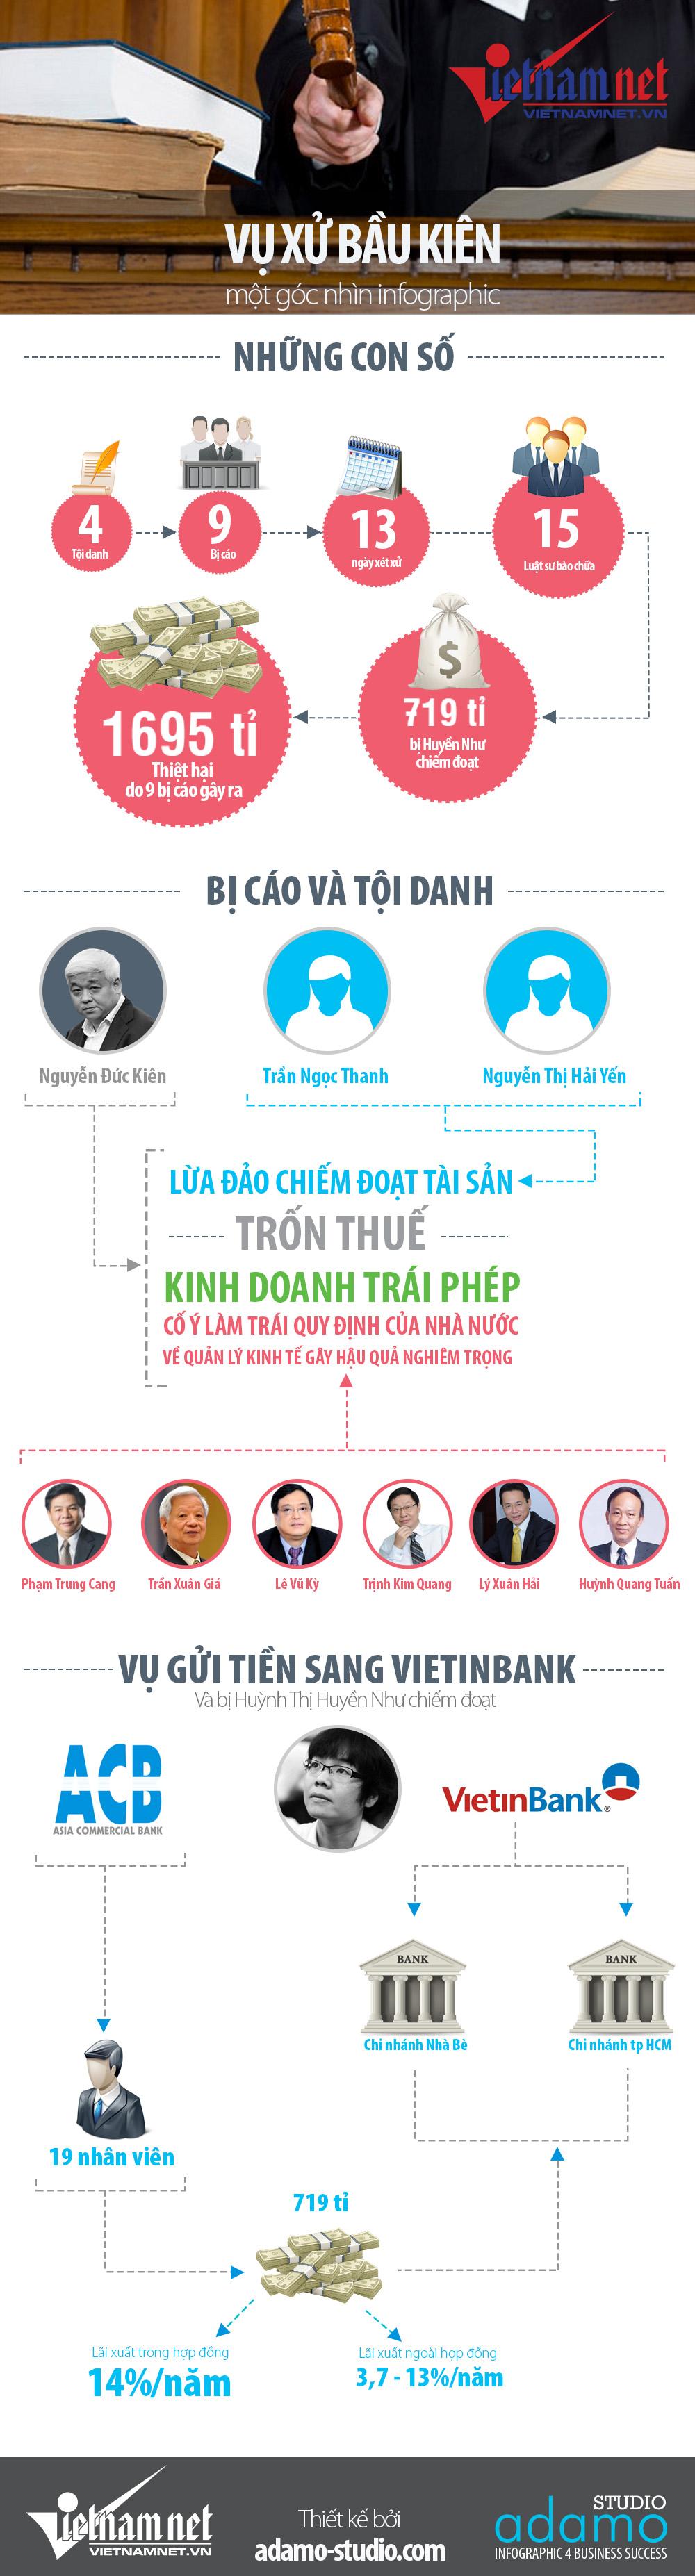 Bau Kien infographic 01